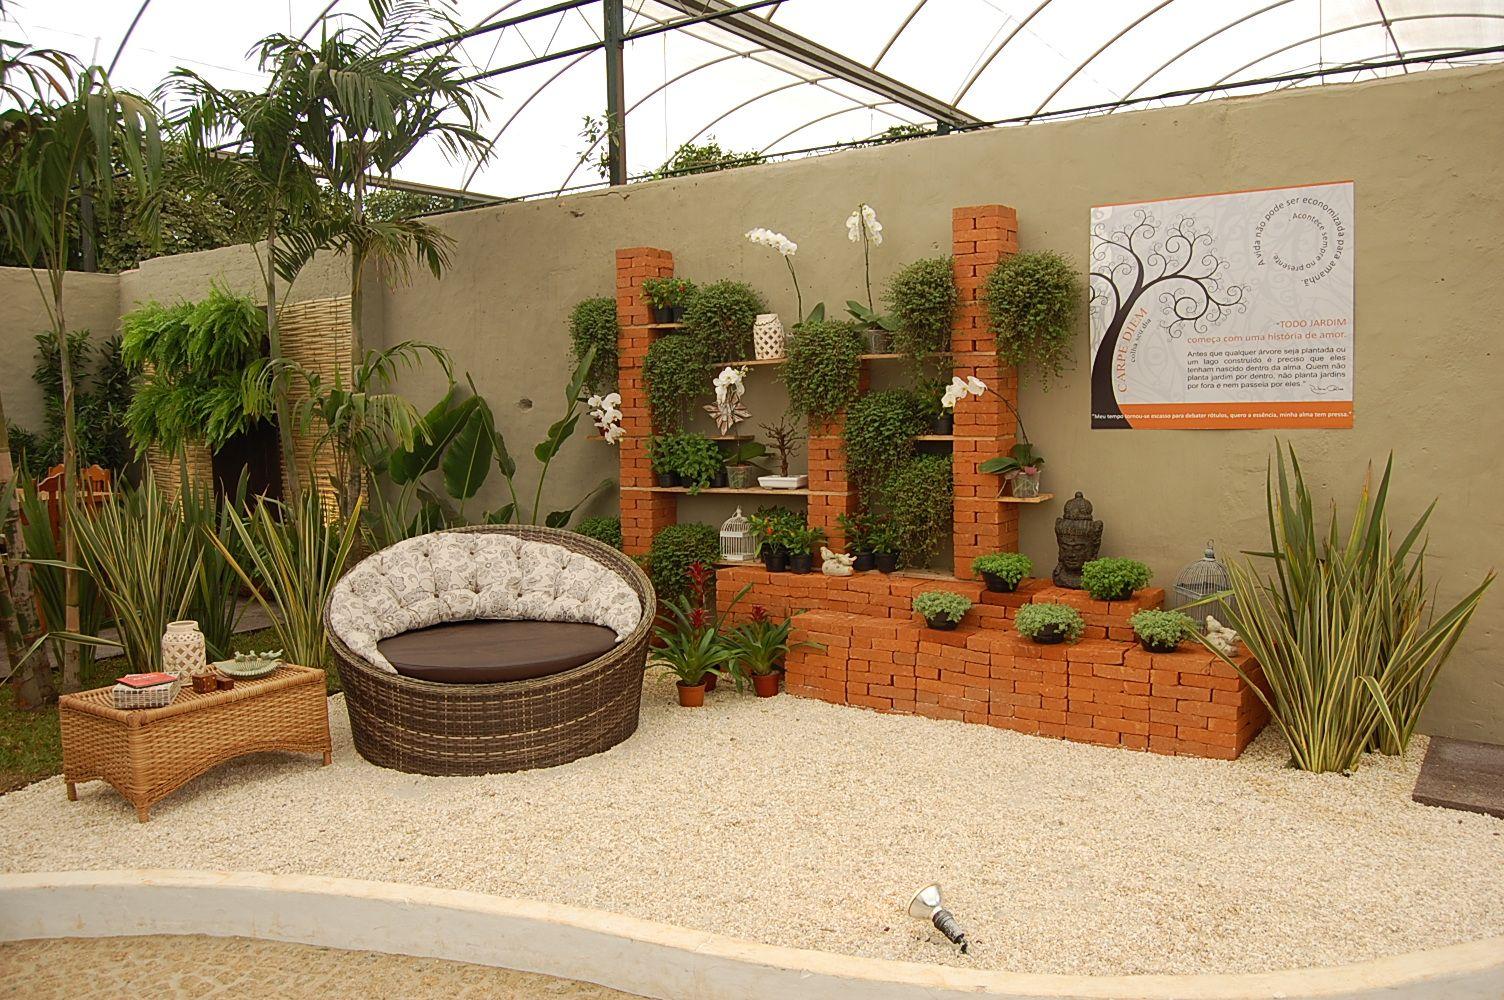 dicas e fotos de paisagismo e jardinagem para sua casa